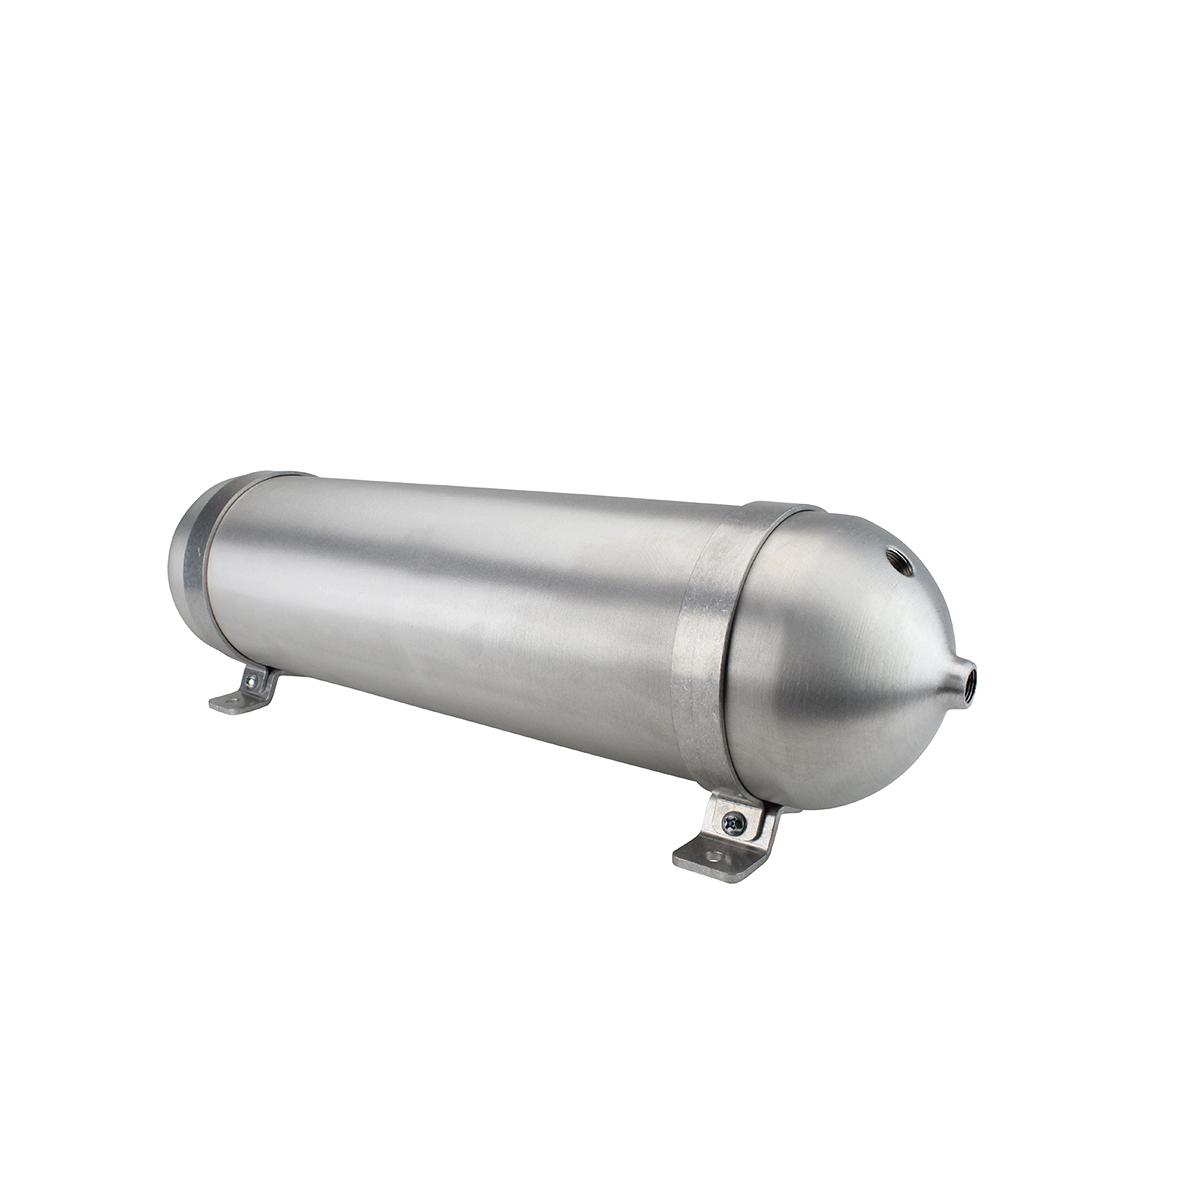 """SA524038-01 Seamless Tanks Aluminum Air Tank 24"""" Length 5.562"""" Diameter, (4) 3/8"""" Ports (1) 1/4"""" Port, 200psi Rated, Actual Volume 2.04 Gallons"""